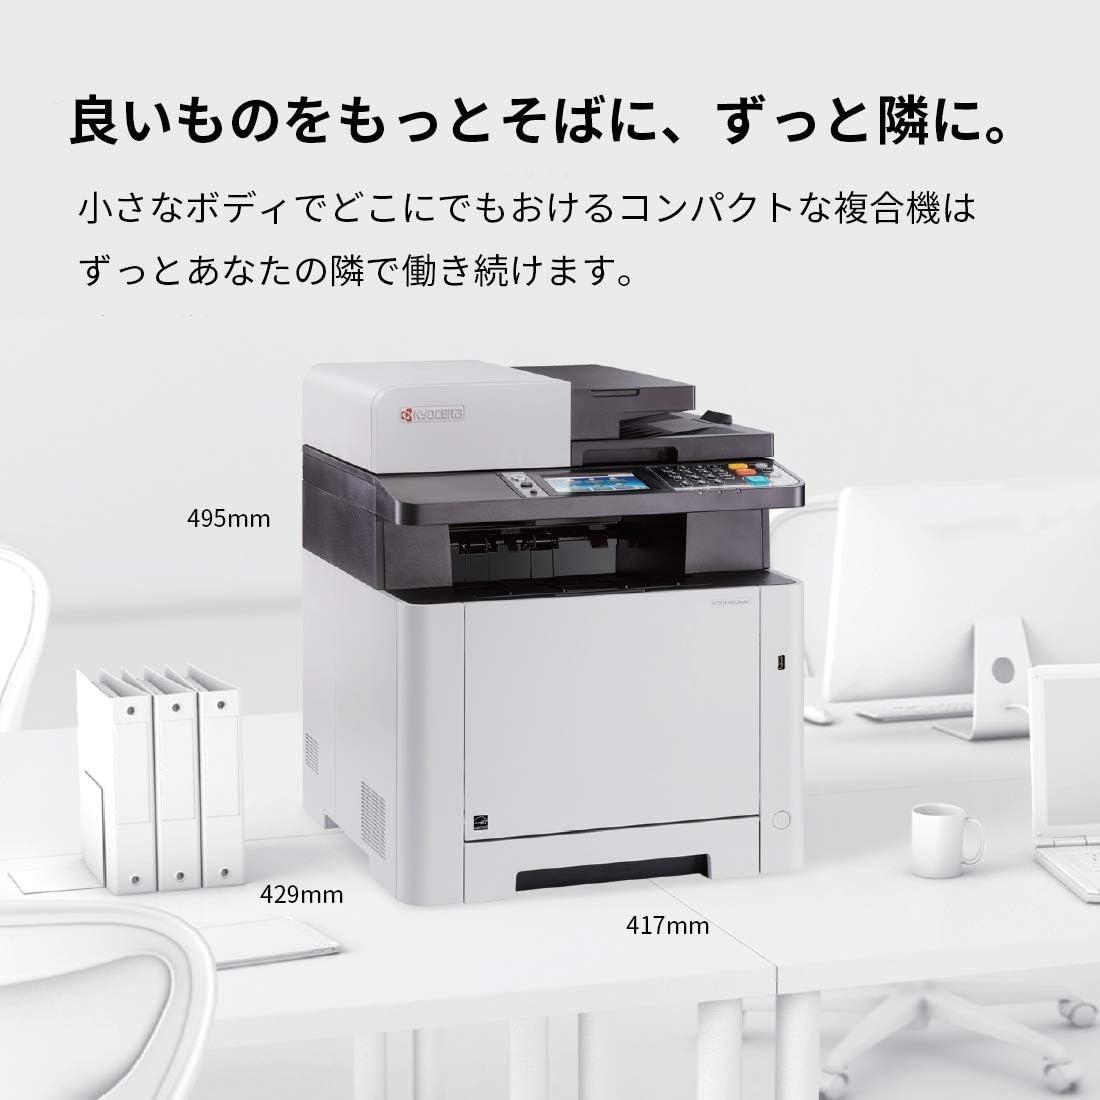 Kyocera Ecosys M5521cdw Impresora WiFi multifunción láser Color A4 ...